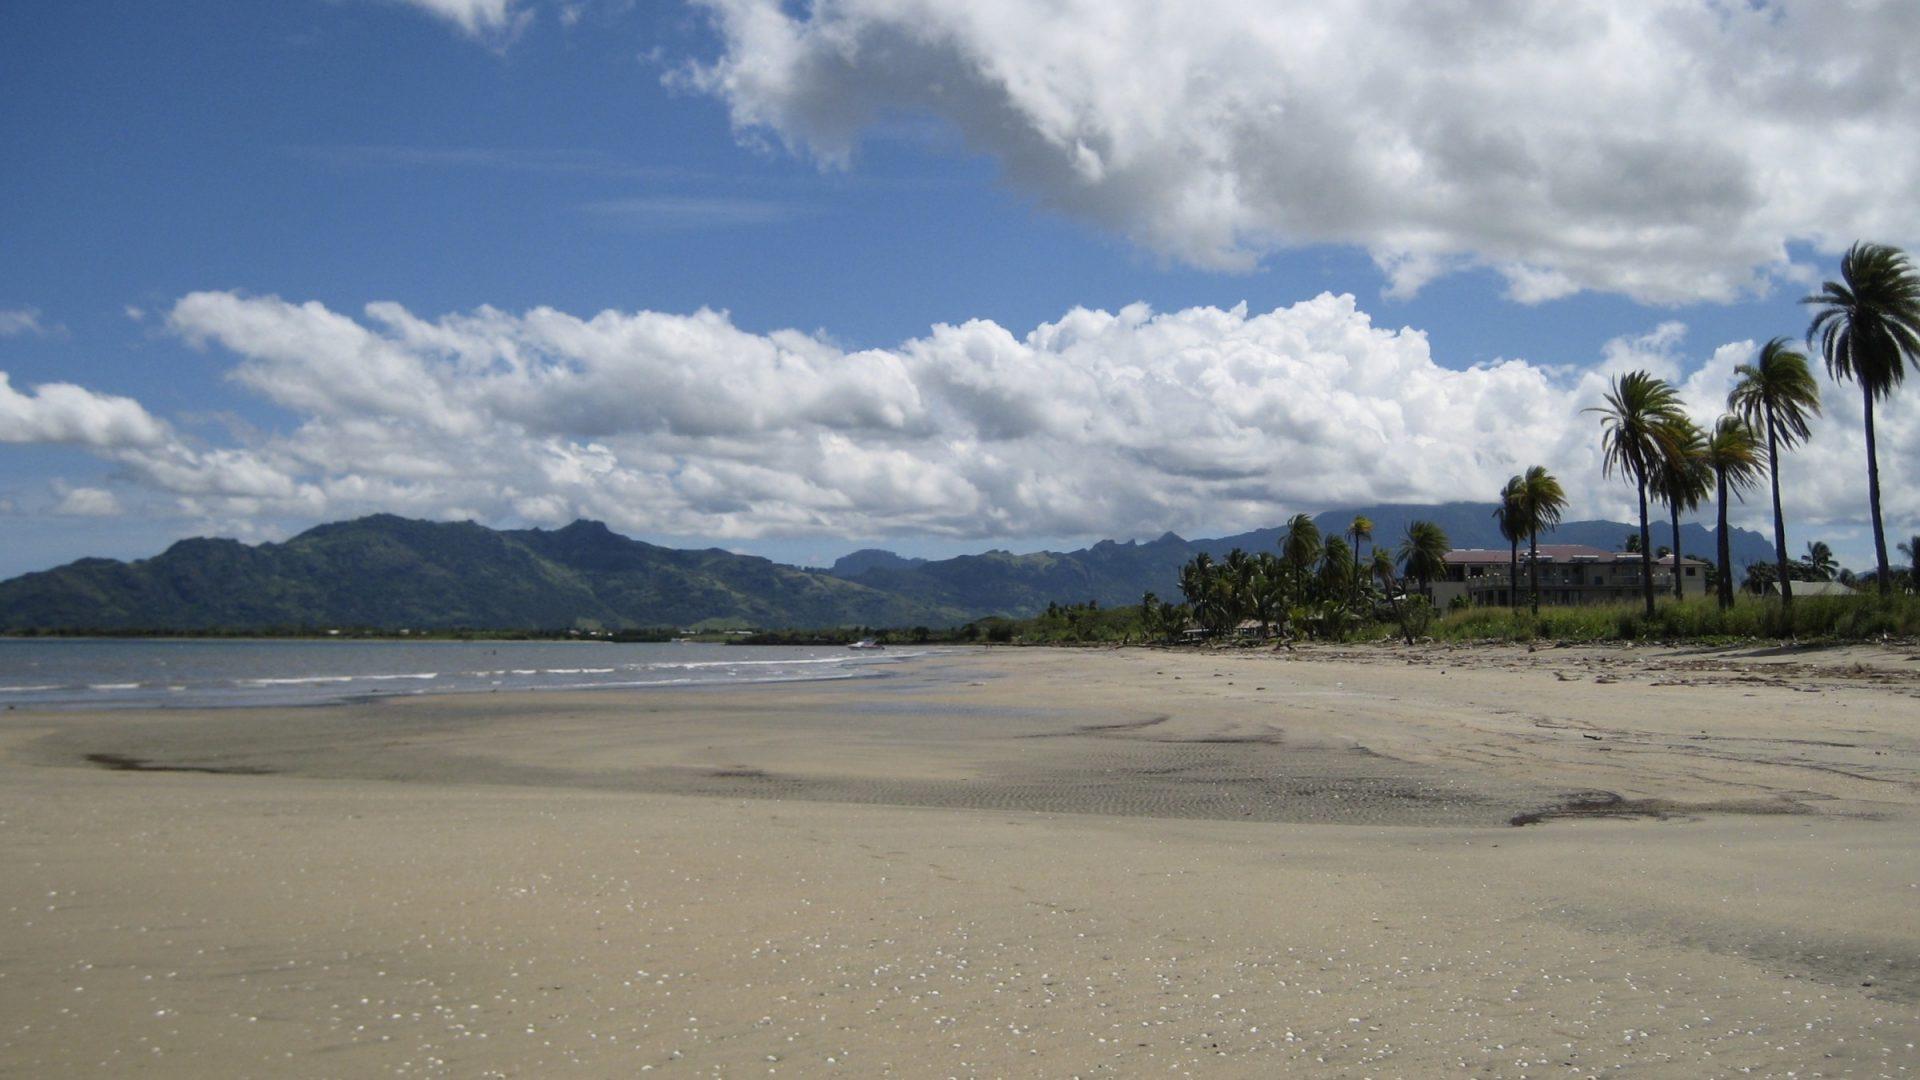 Palm Trees on Tropical Sandy Beach